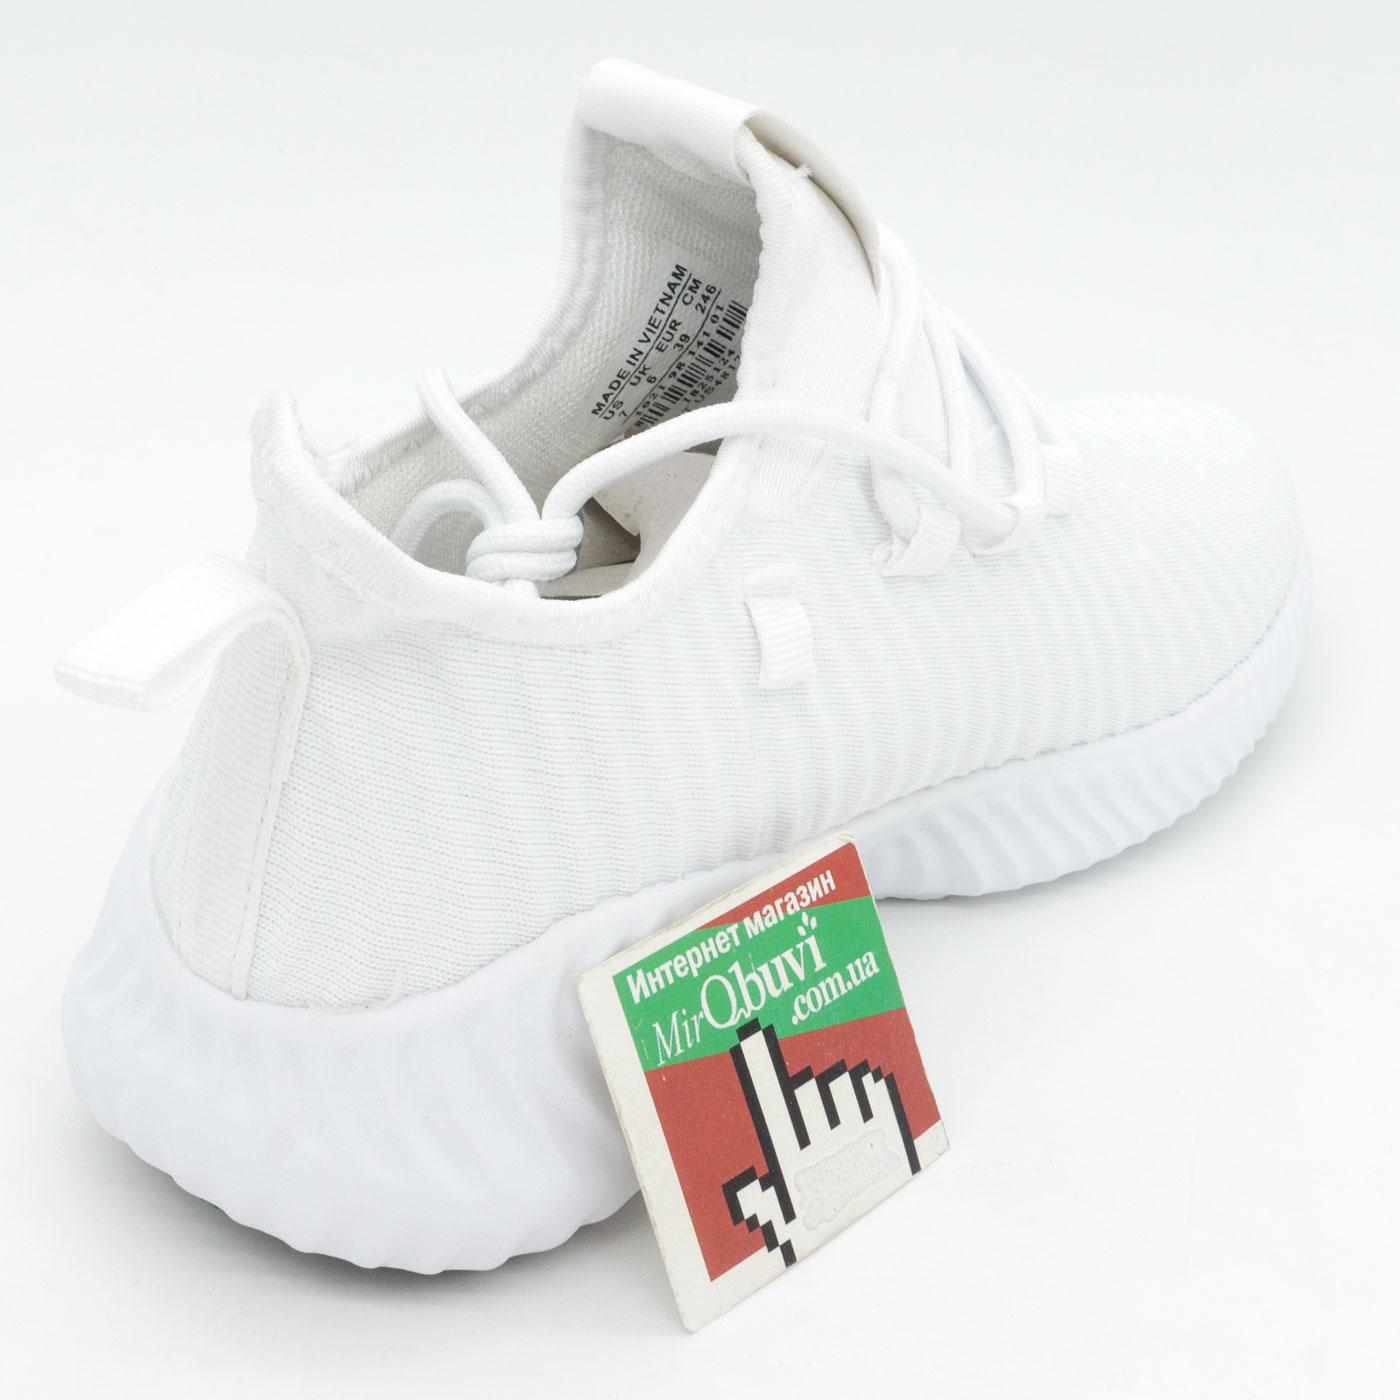 фото back Женские кроссовки Adidas Alphabounce Instinct белые. back